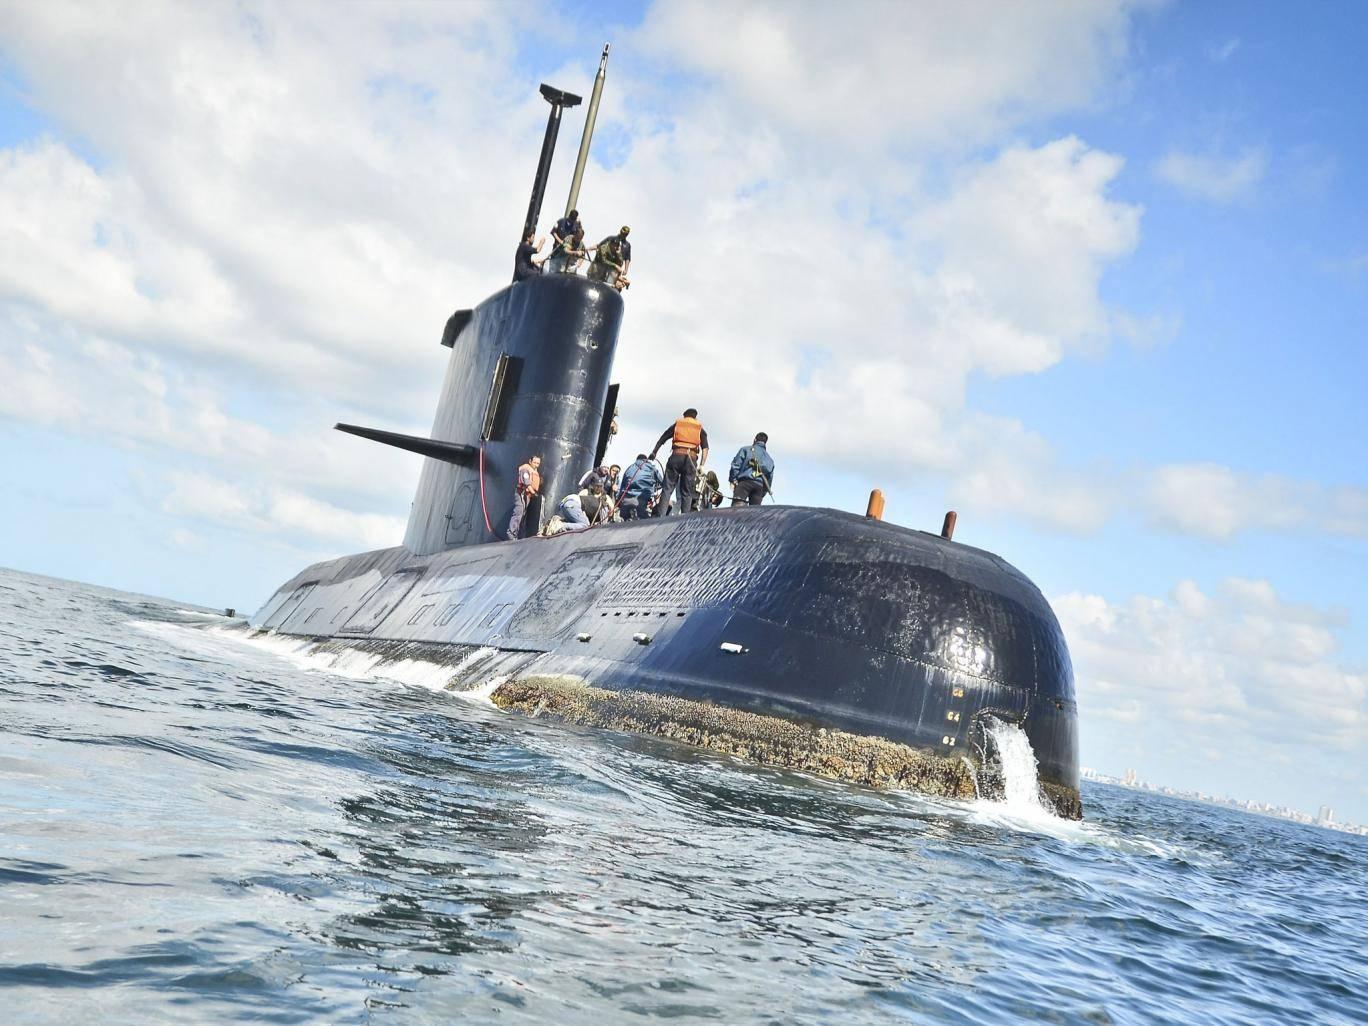 Tiêu điểm - Tiếng động lạ nghi từ tàu ngầm bị mất tích của Argentina có thể giúp tìm ra manh mối